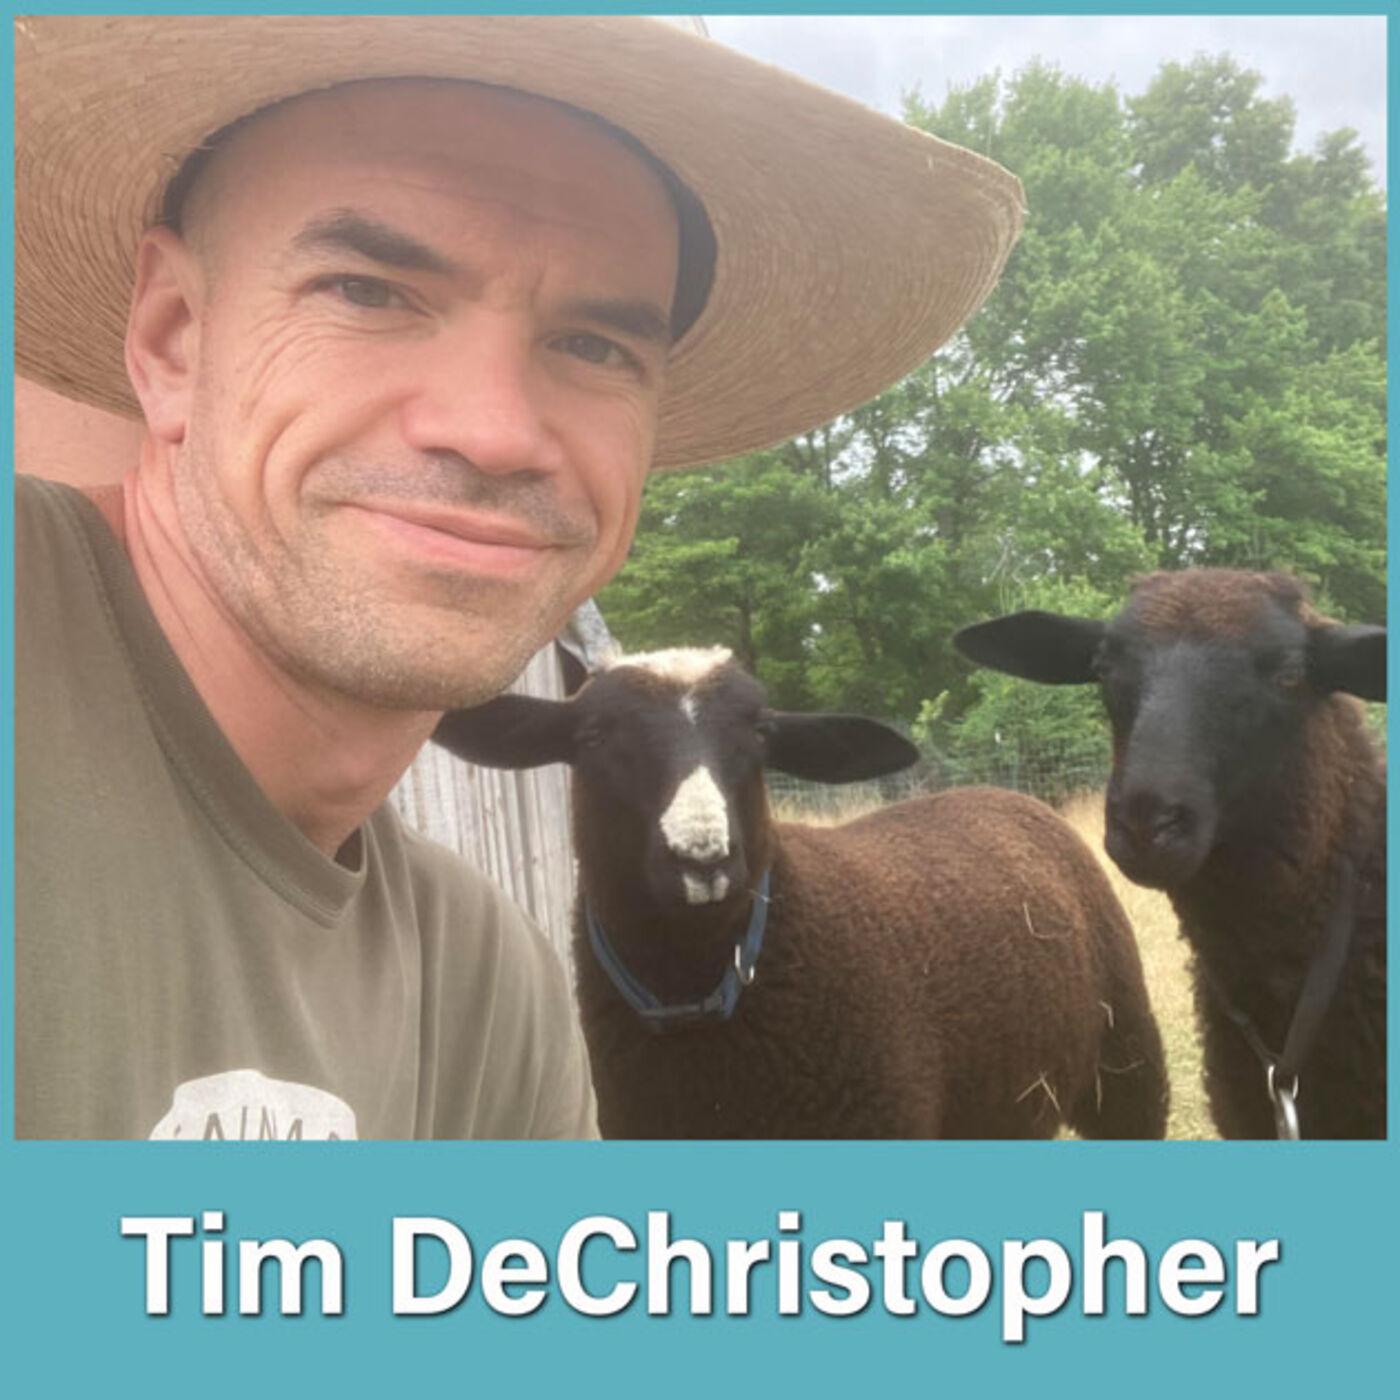 #7 Tim DeChristopher